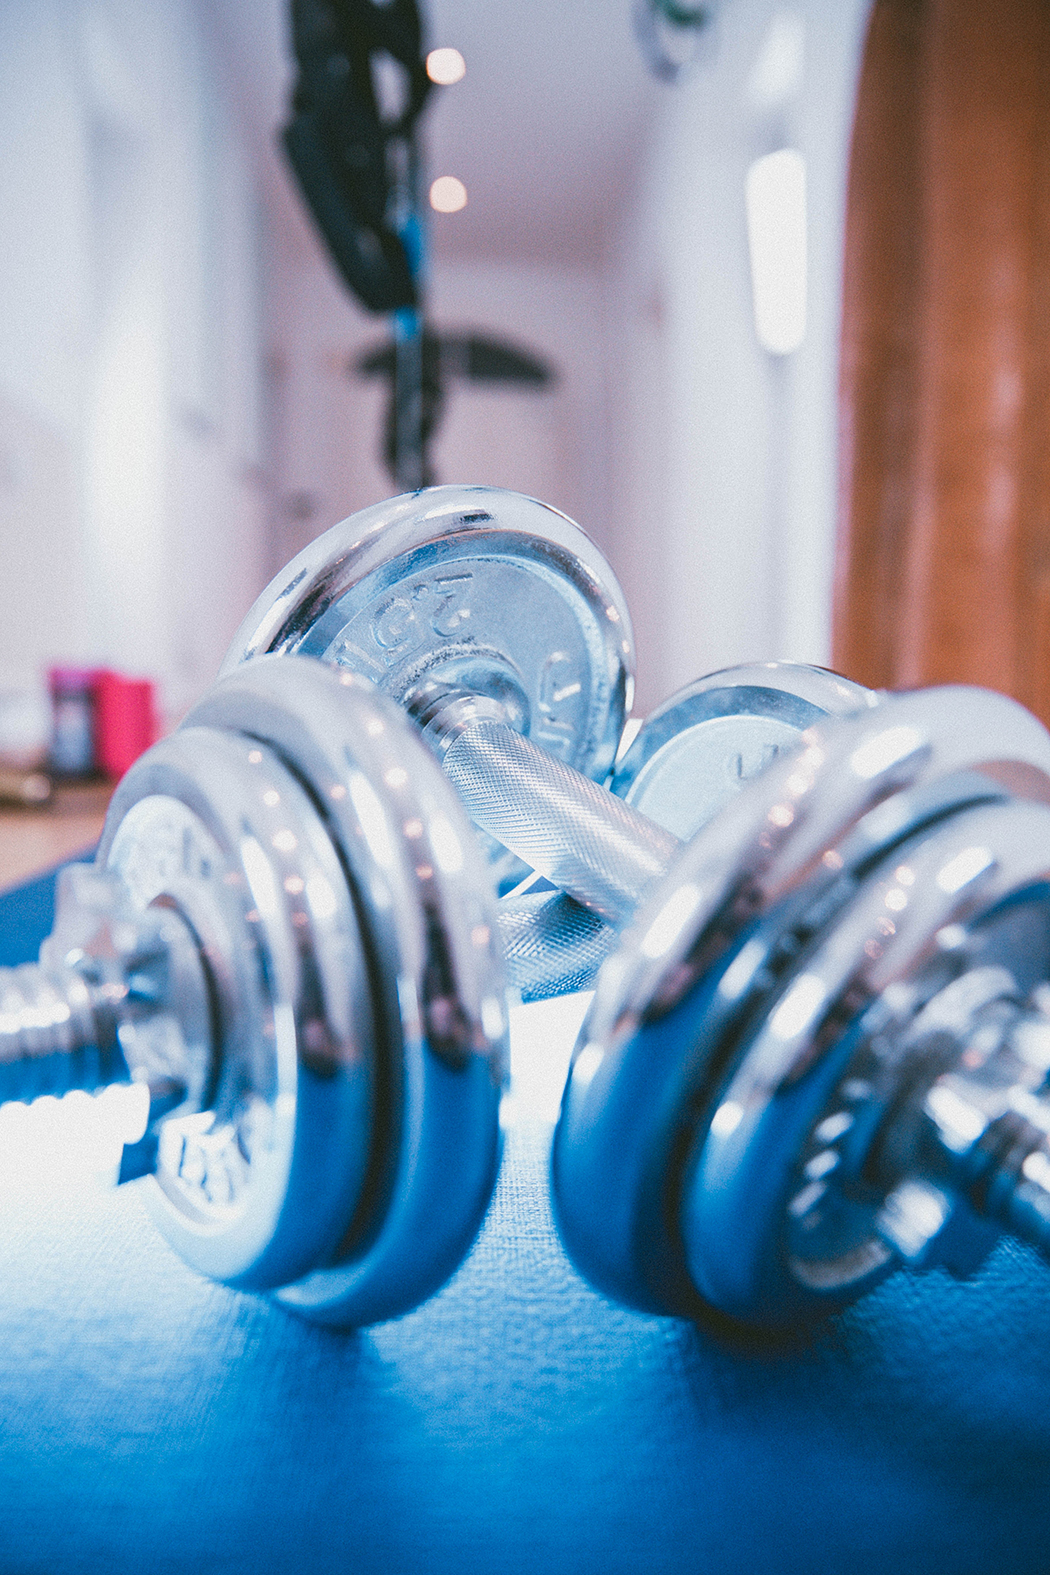 Fitnessblog-Fitnessblogger-Fitness-Blog-Blogger-Muenchen-Deutschland-Captial-Sports-Homegym-Lindarella-21-web